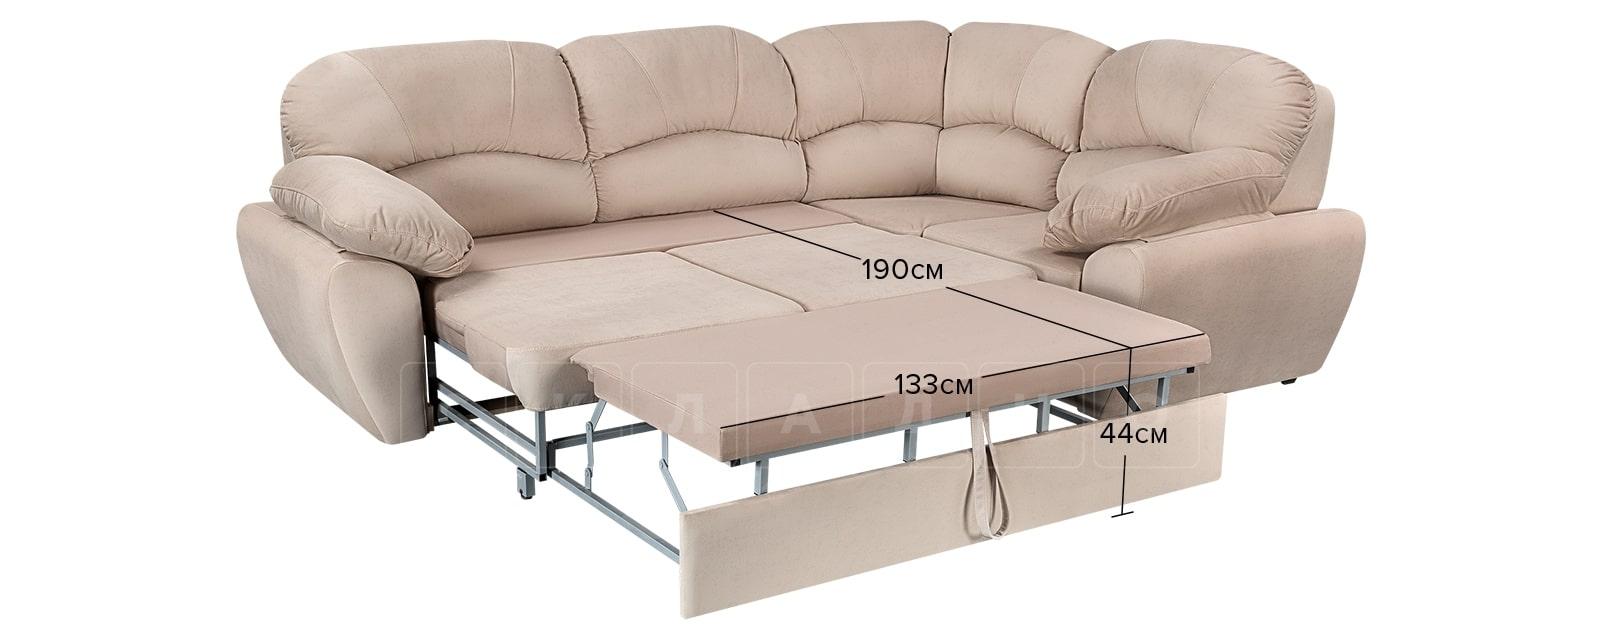 Угловой диван Эвита велюр бежевый правый угол фото 10 | интернет-магазин Складно